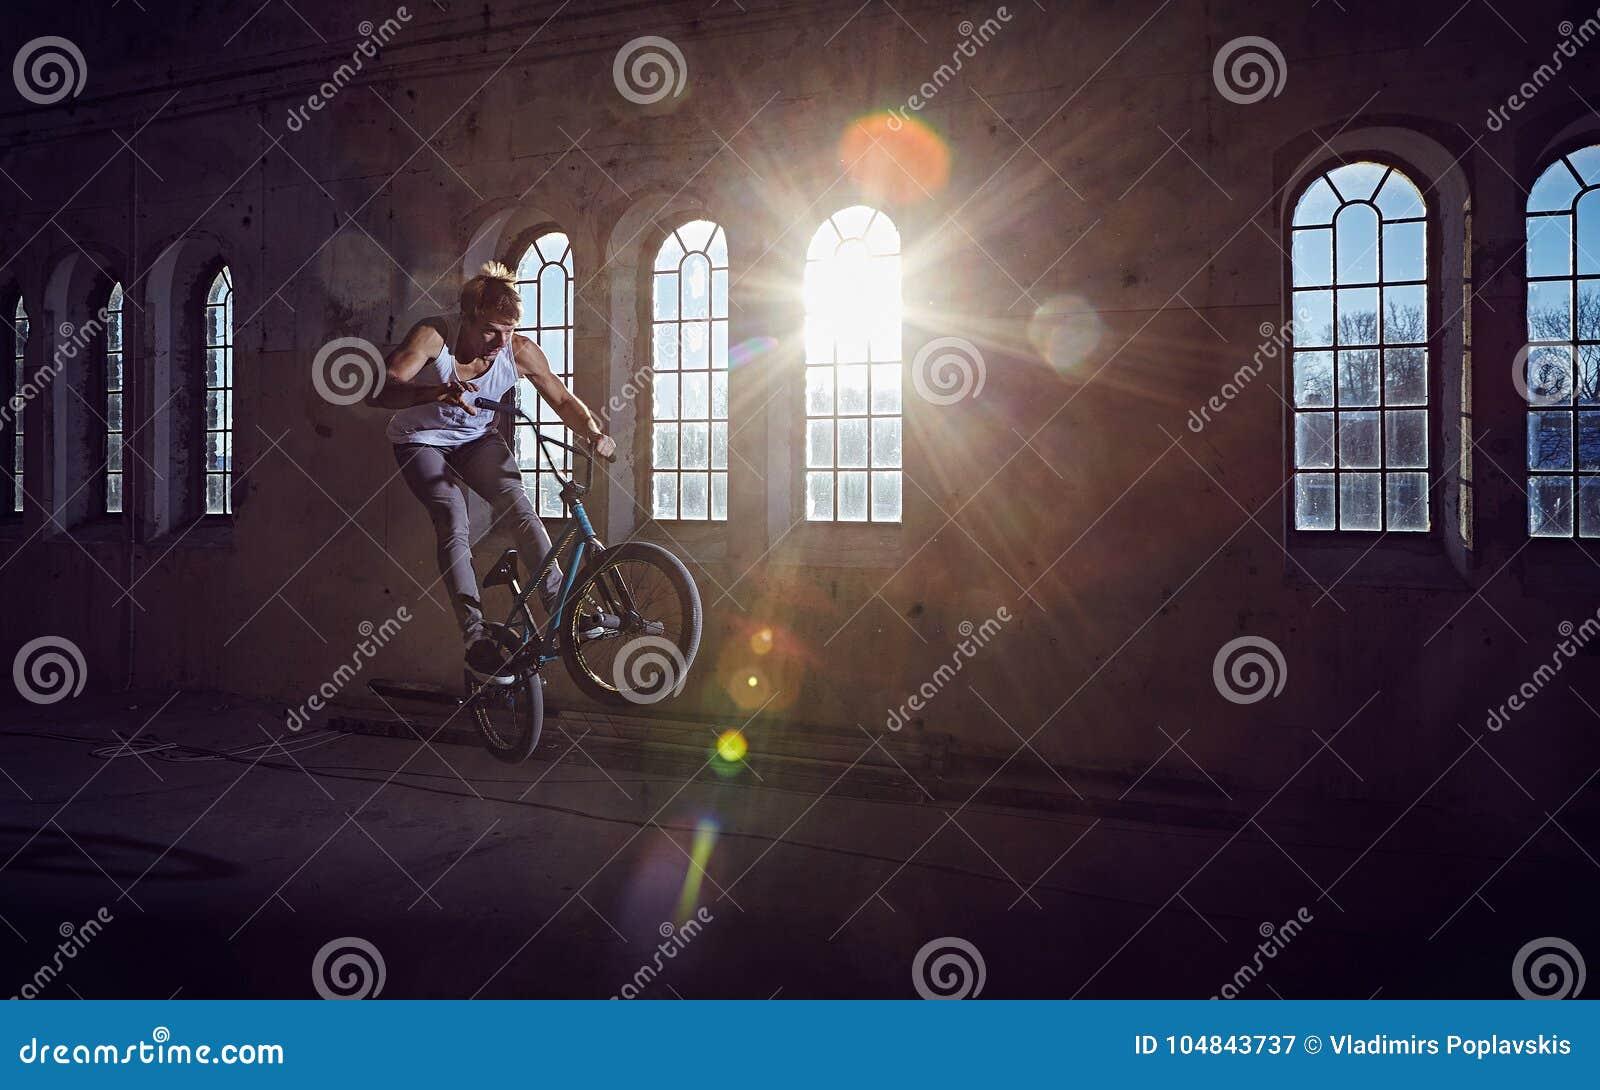 BMX-stunt en sprong het berijden in een zaal met zonlicht